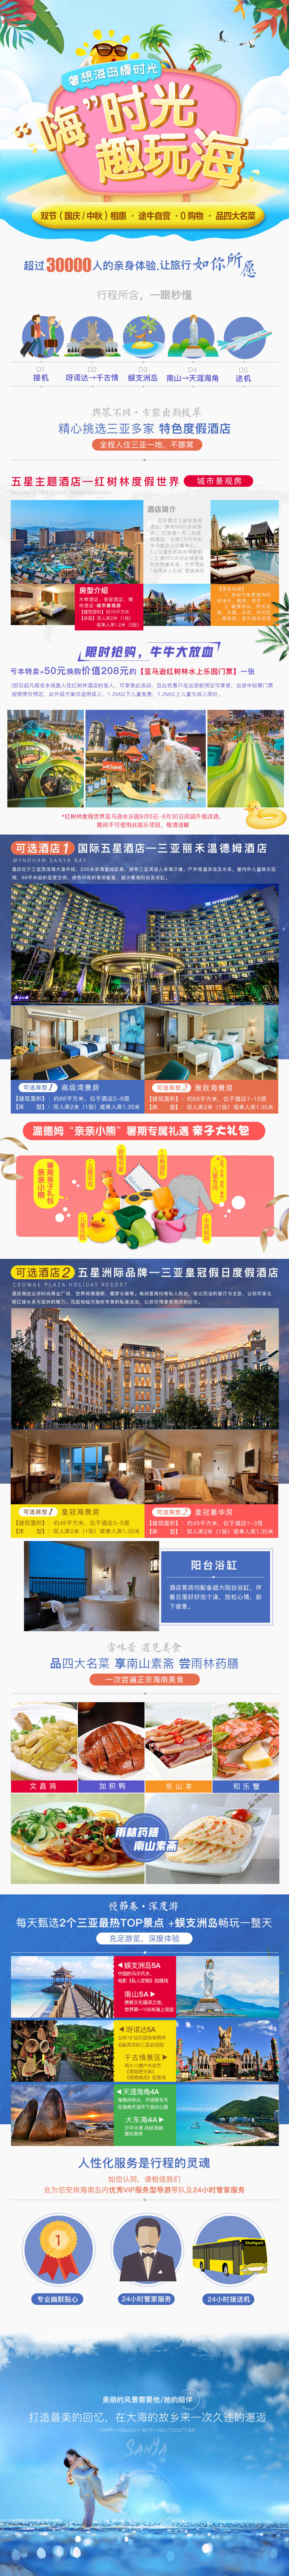 年度超值爆款 ps:三亚湾红树林酒店亚马逊水乐园9月5日-9月30日闭园